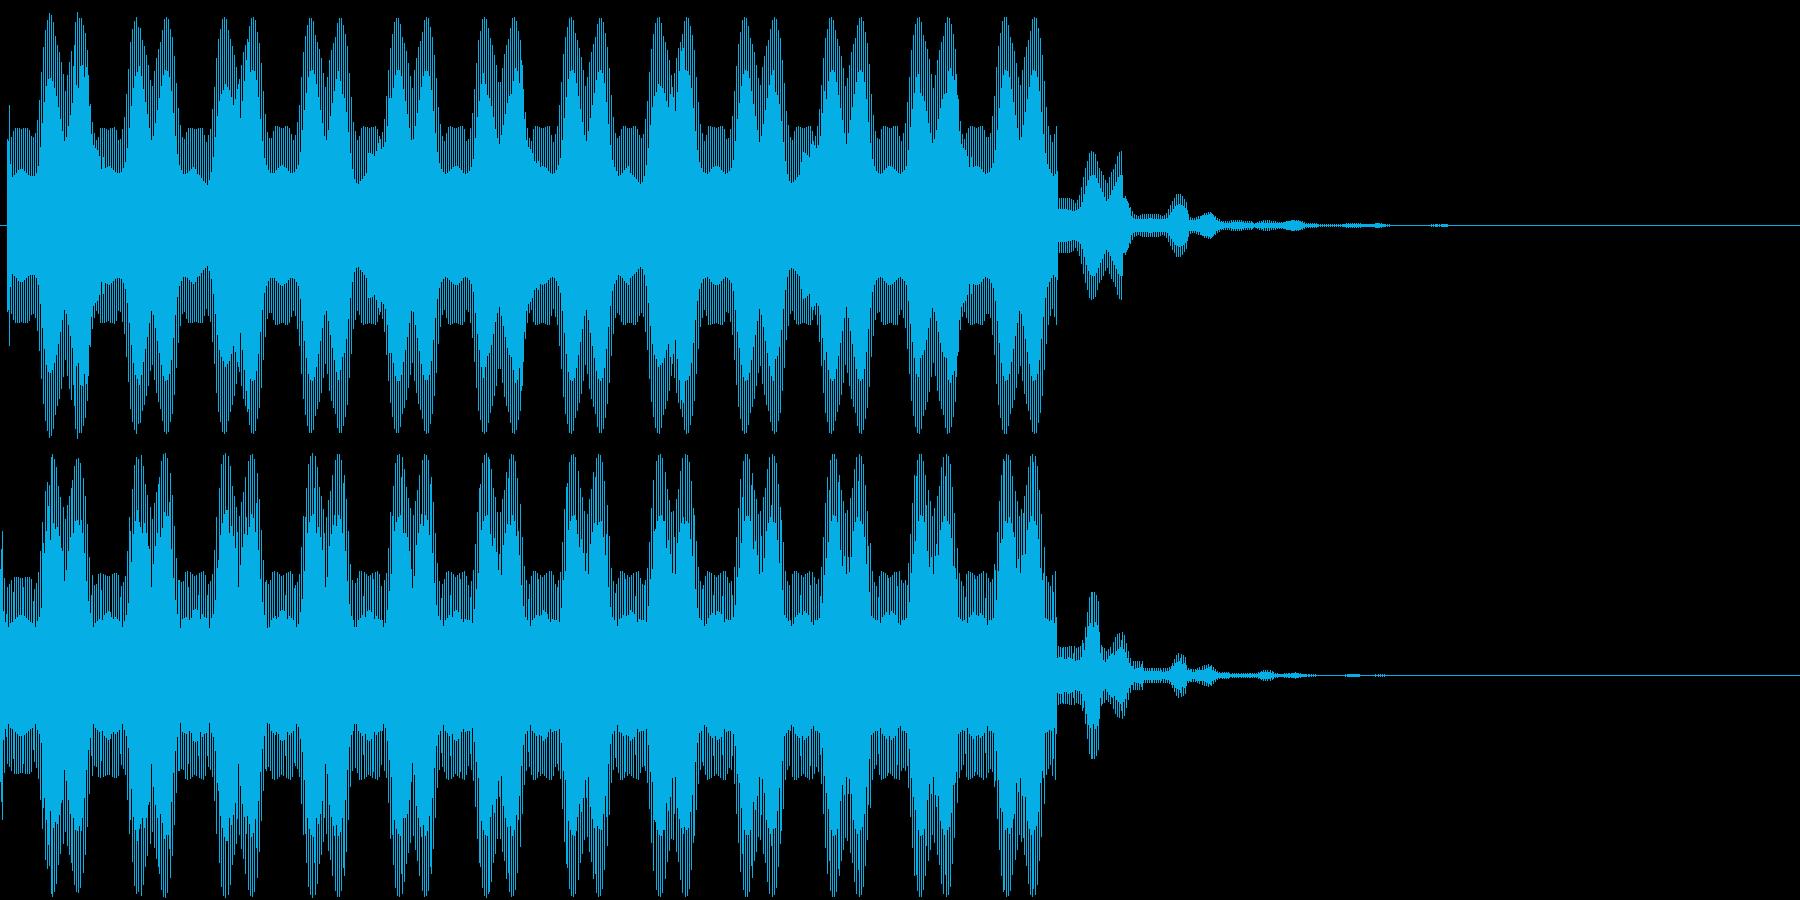 洗脳してる時のビーム音(シンプル)の再生済みの波形